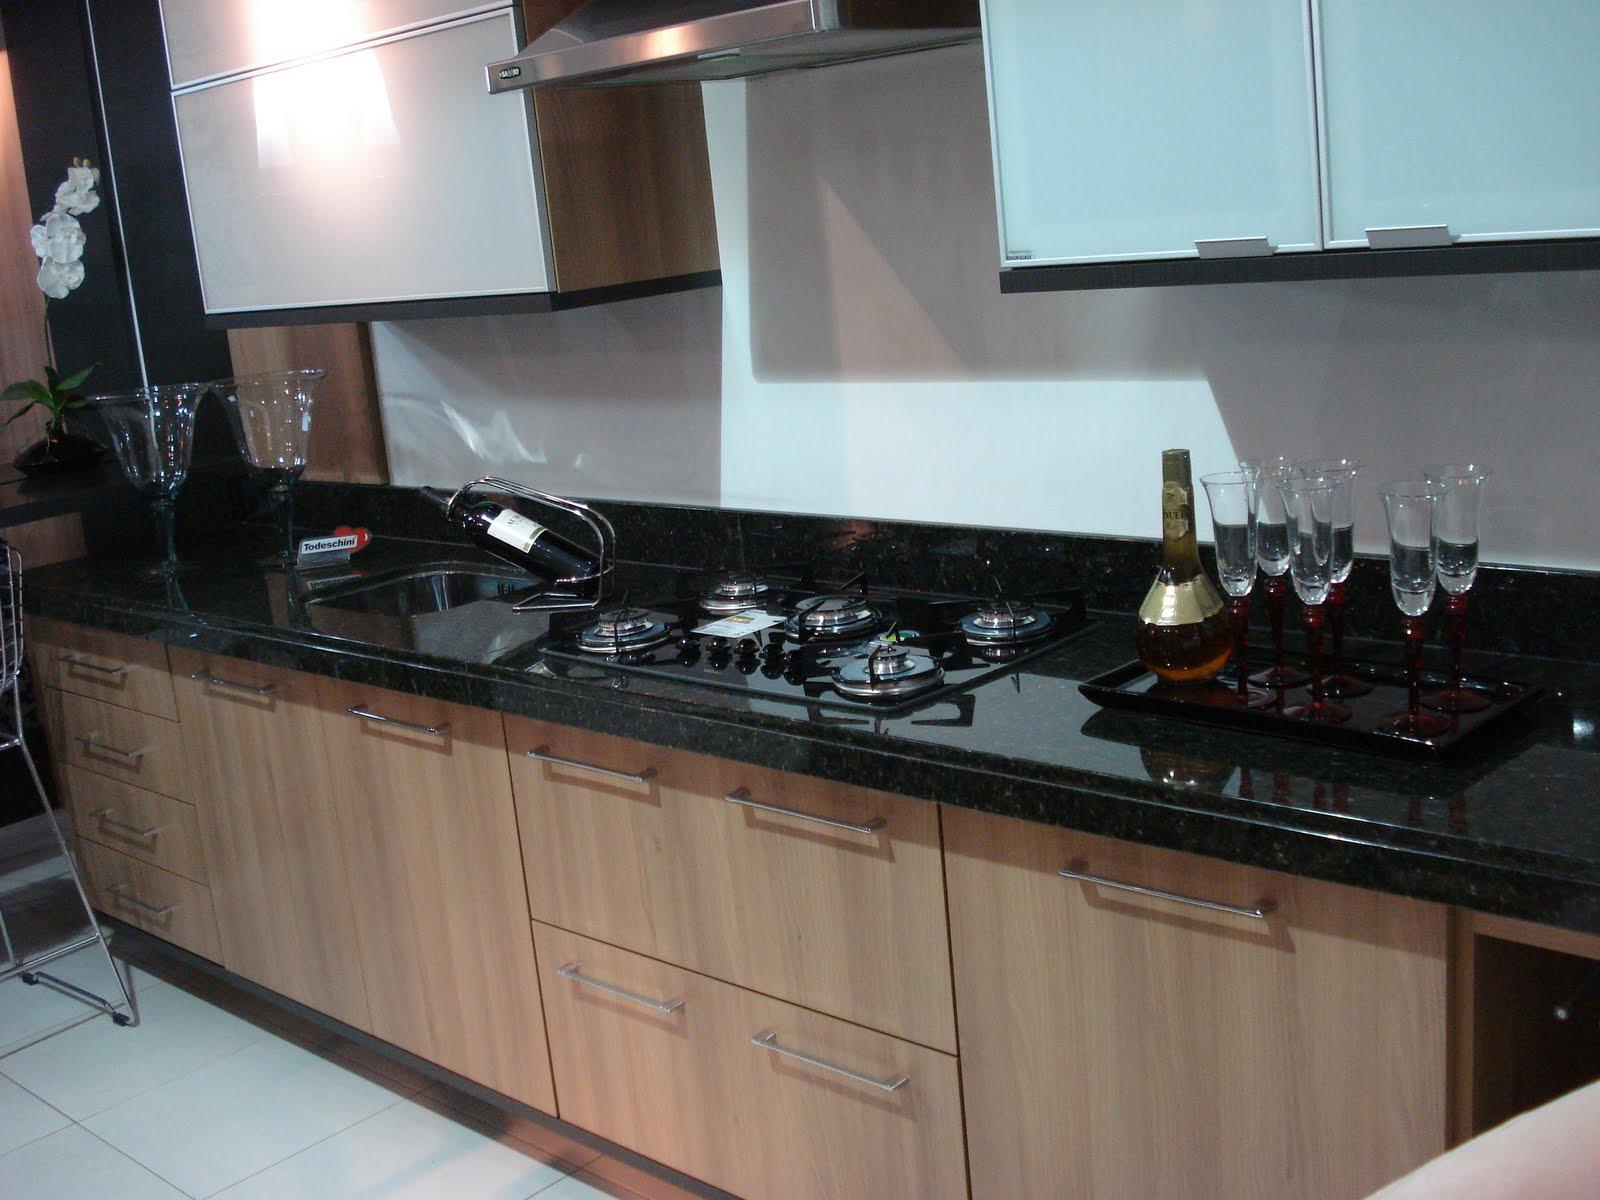 Casa da Sheila: Me ajudem a escolher as cores da minha cozinha!! #4A7681 1600 1200